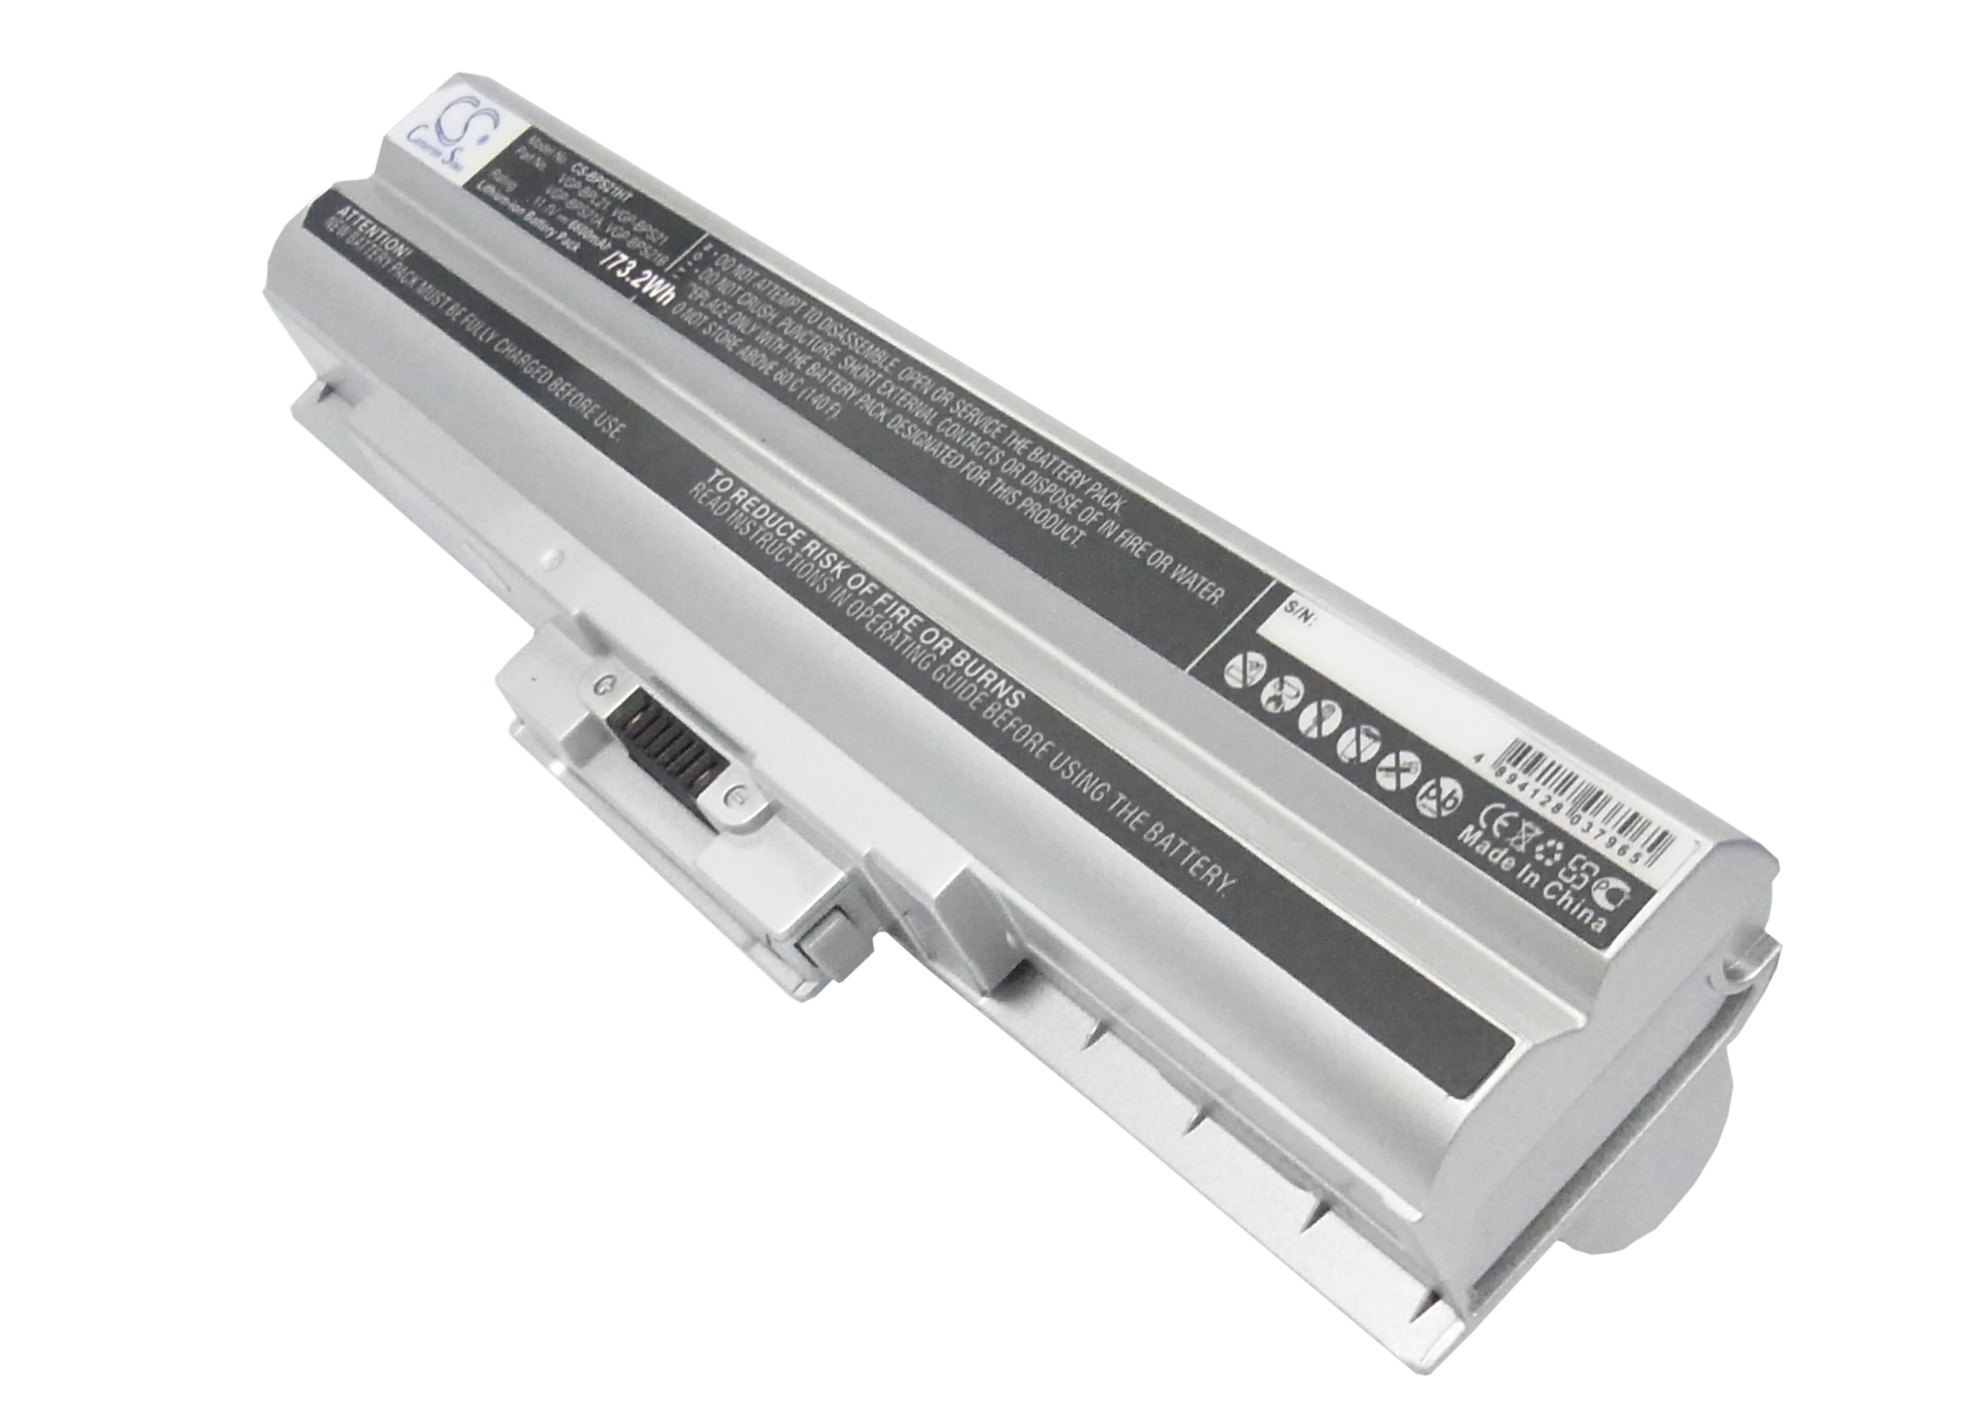 Cameron Sino baterie do notebooků pro SONY VAIO VPCY21S1E/P 11.1V Li-ion 6600mAh stříbrná - neoriginální